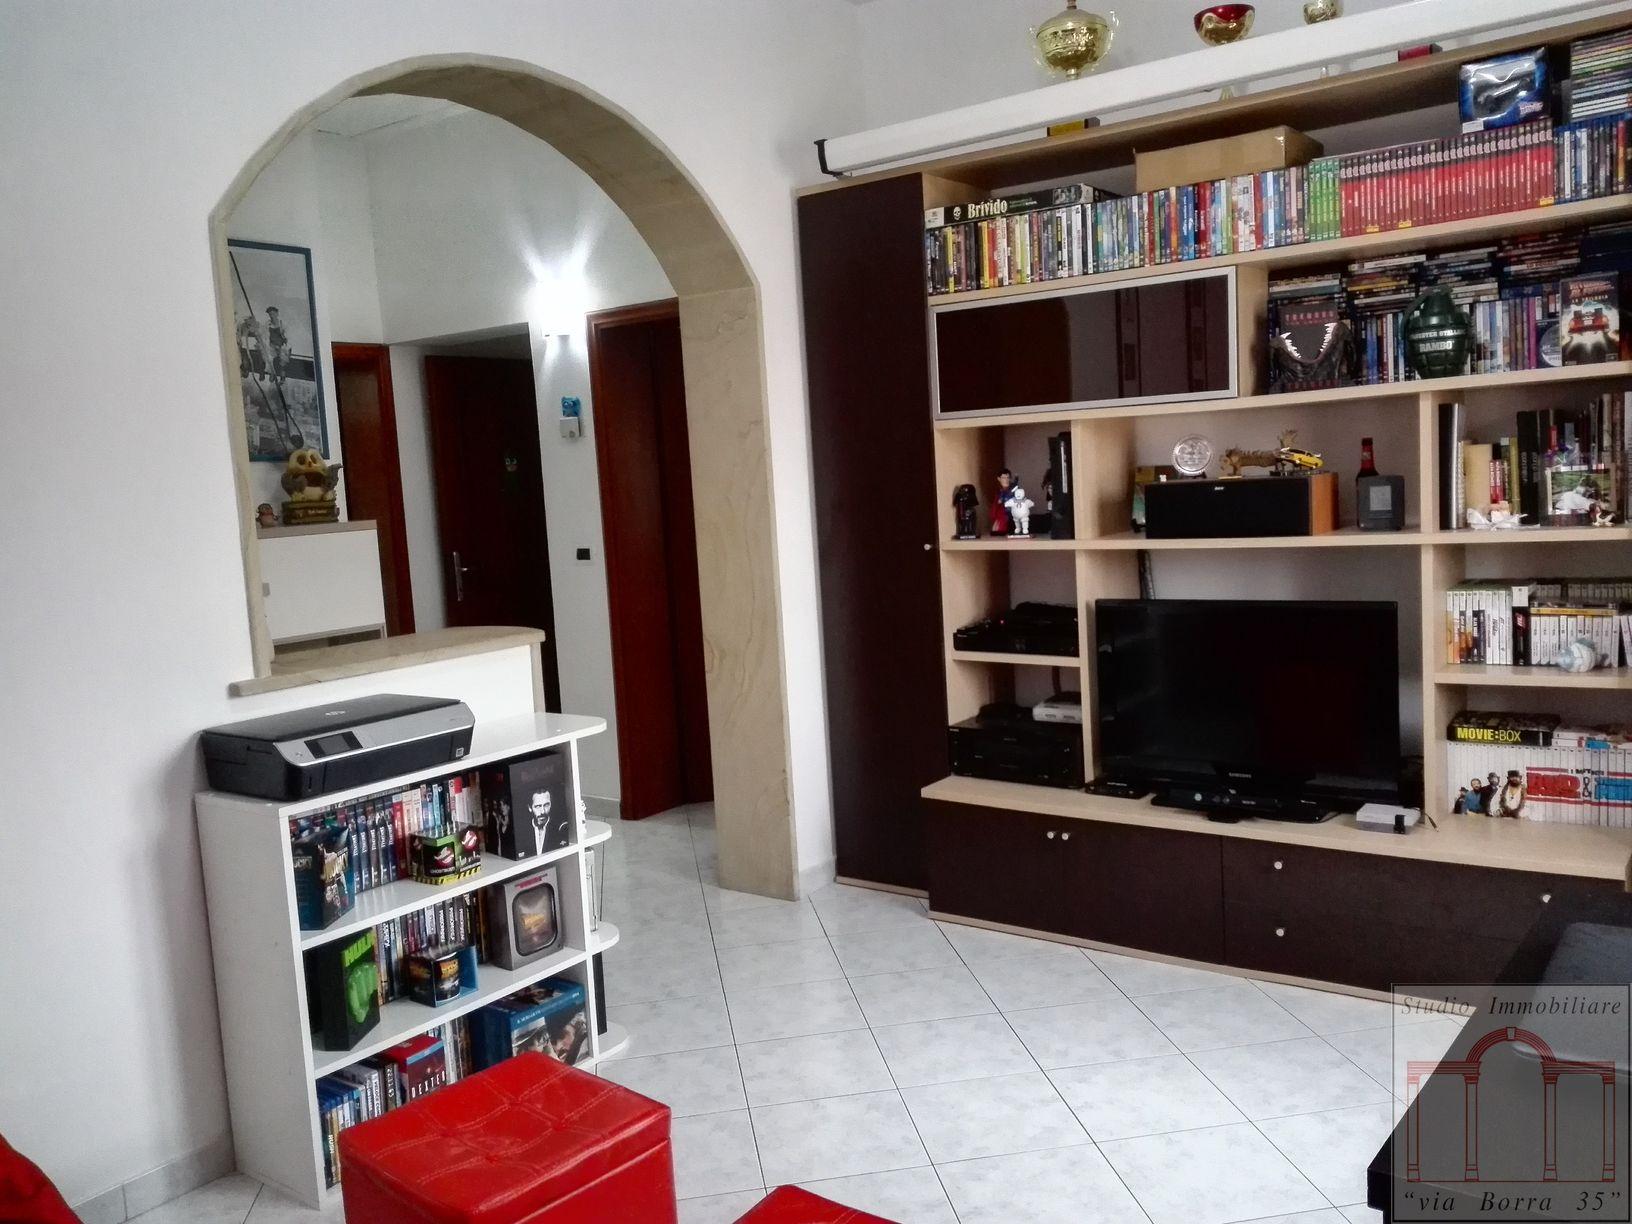 Appartamento in vendita a Livorno, 4 locali, zona Località: Periferiaest, prezzo € 145.000 | Cambio Casa.it